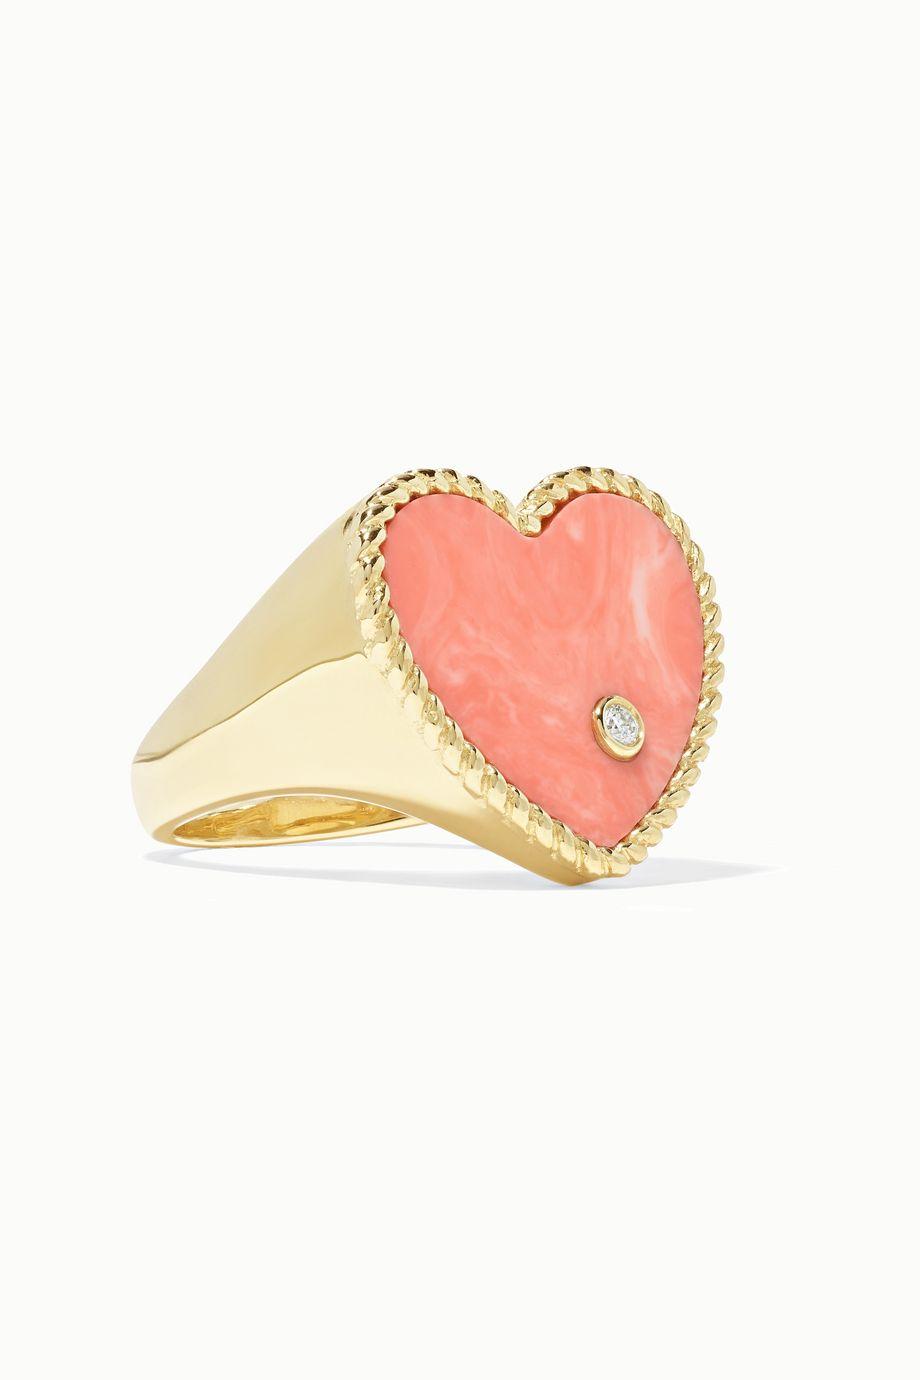 Yvonne Léon 9-karat gold, coral and diamond ring